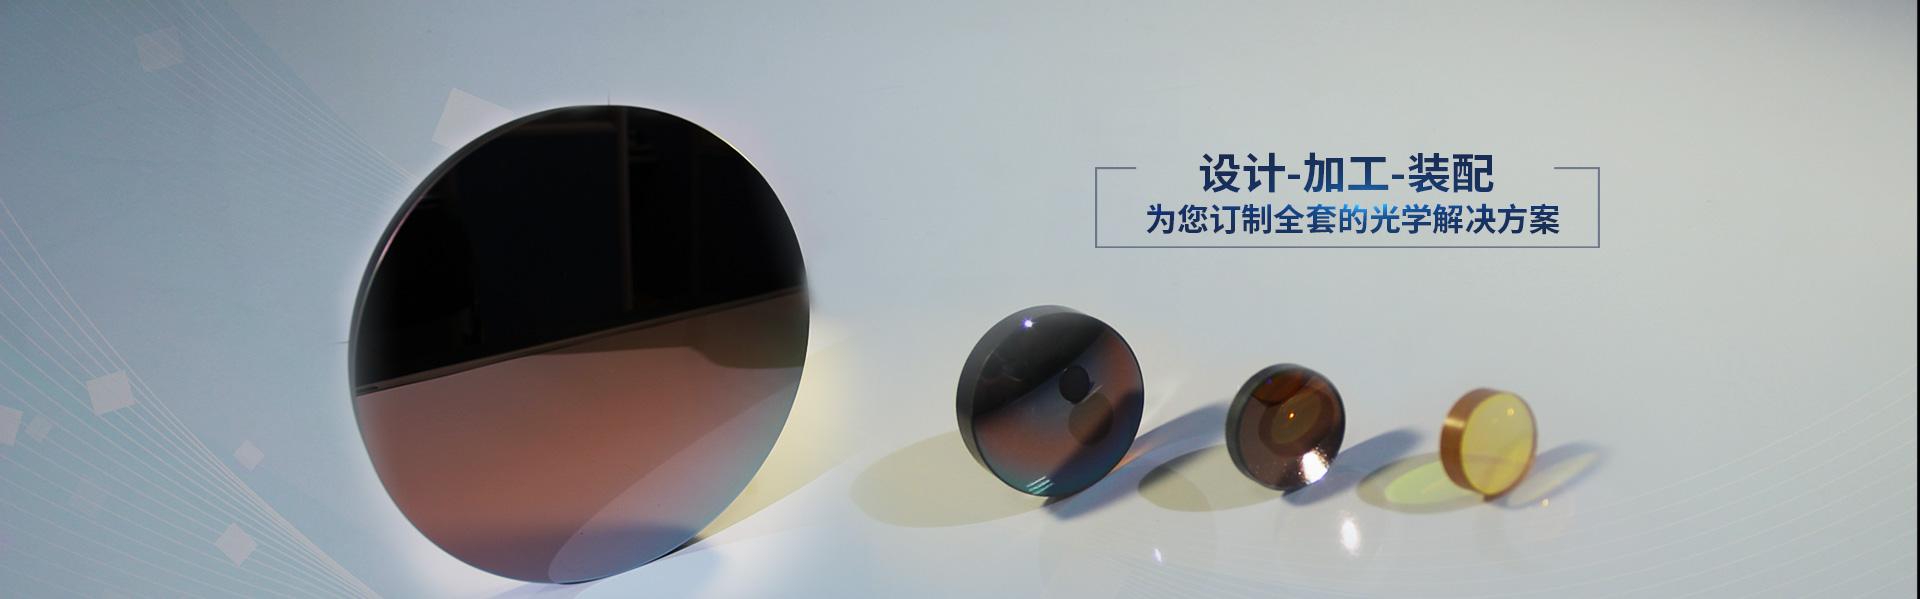 共离轴非球面反射镜